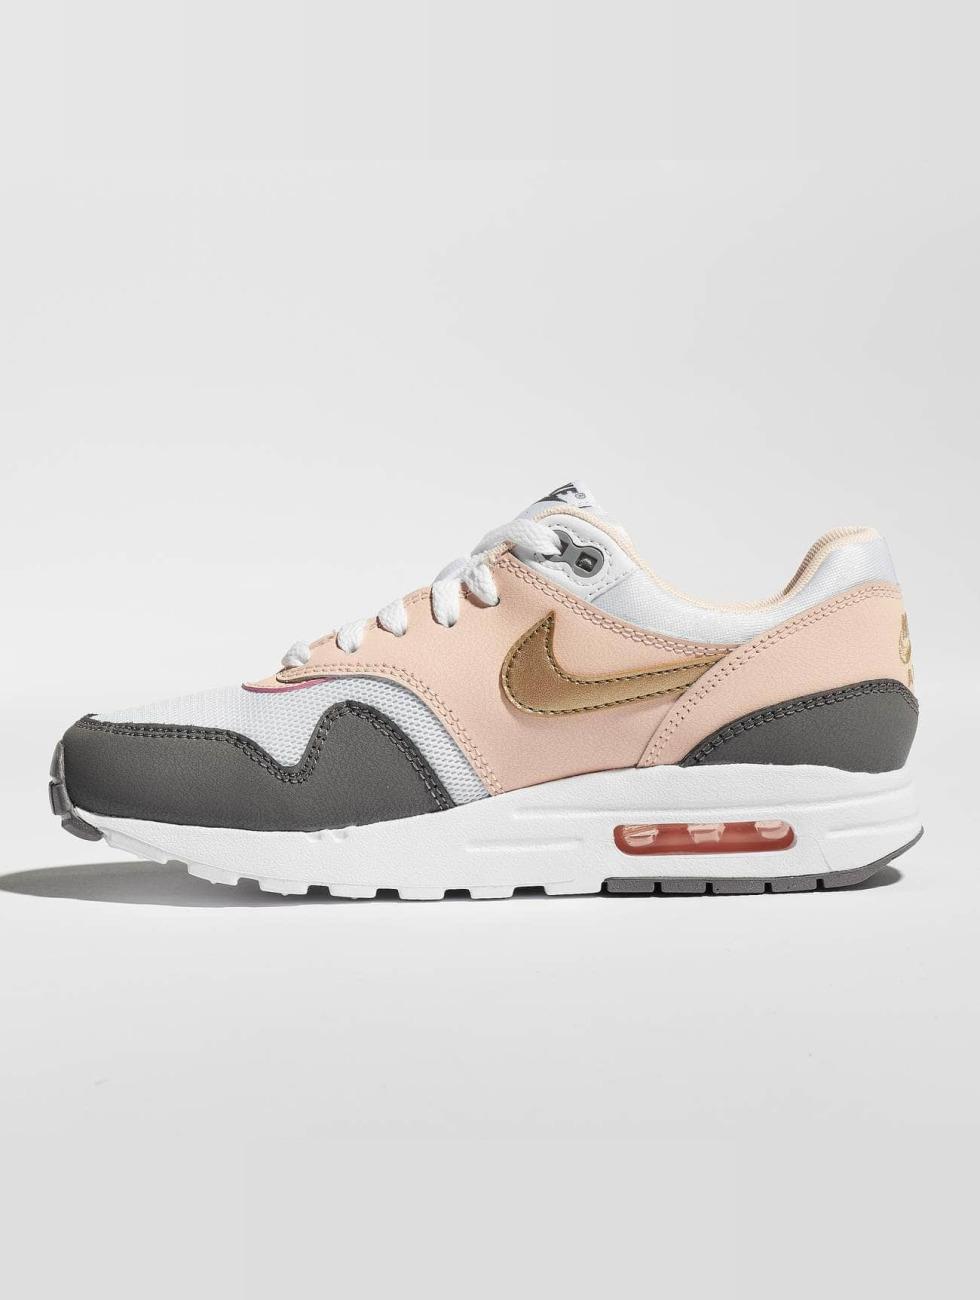 Warm Te Koop Goedkope Online Nike schoen / sneaker Air Max 1 in wit 441772 Winkelen Voor Goedkope Winkel Aanbod 7jzGx91